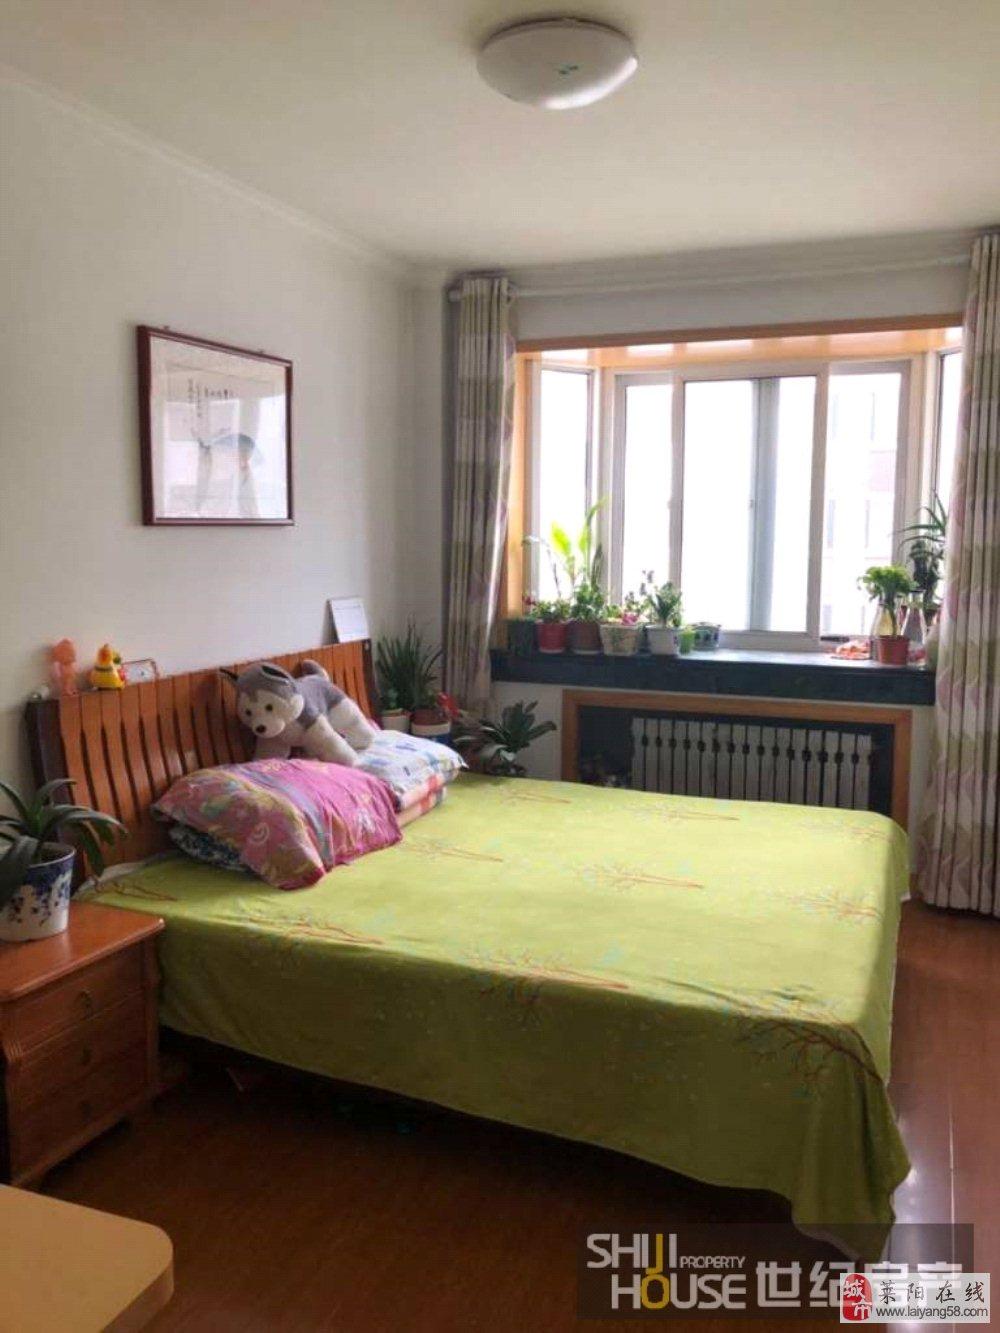 鹤山小区3室2厅1卫86万元